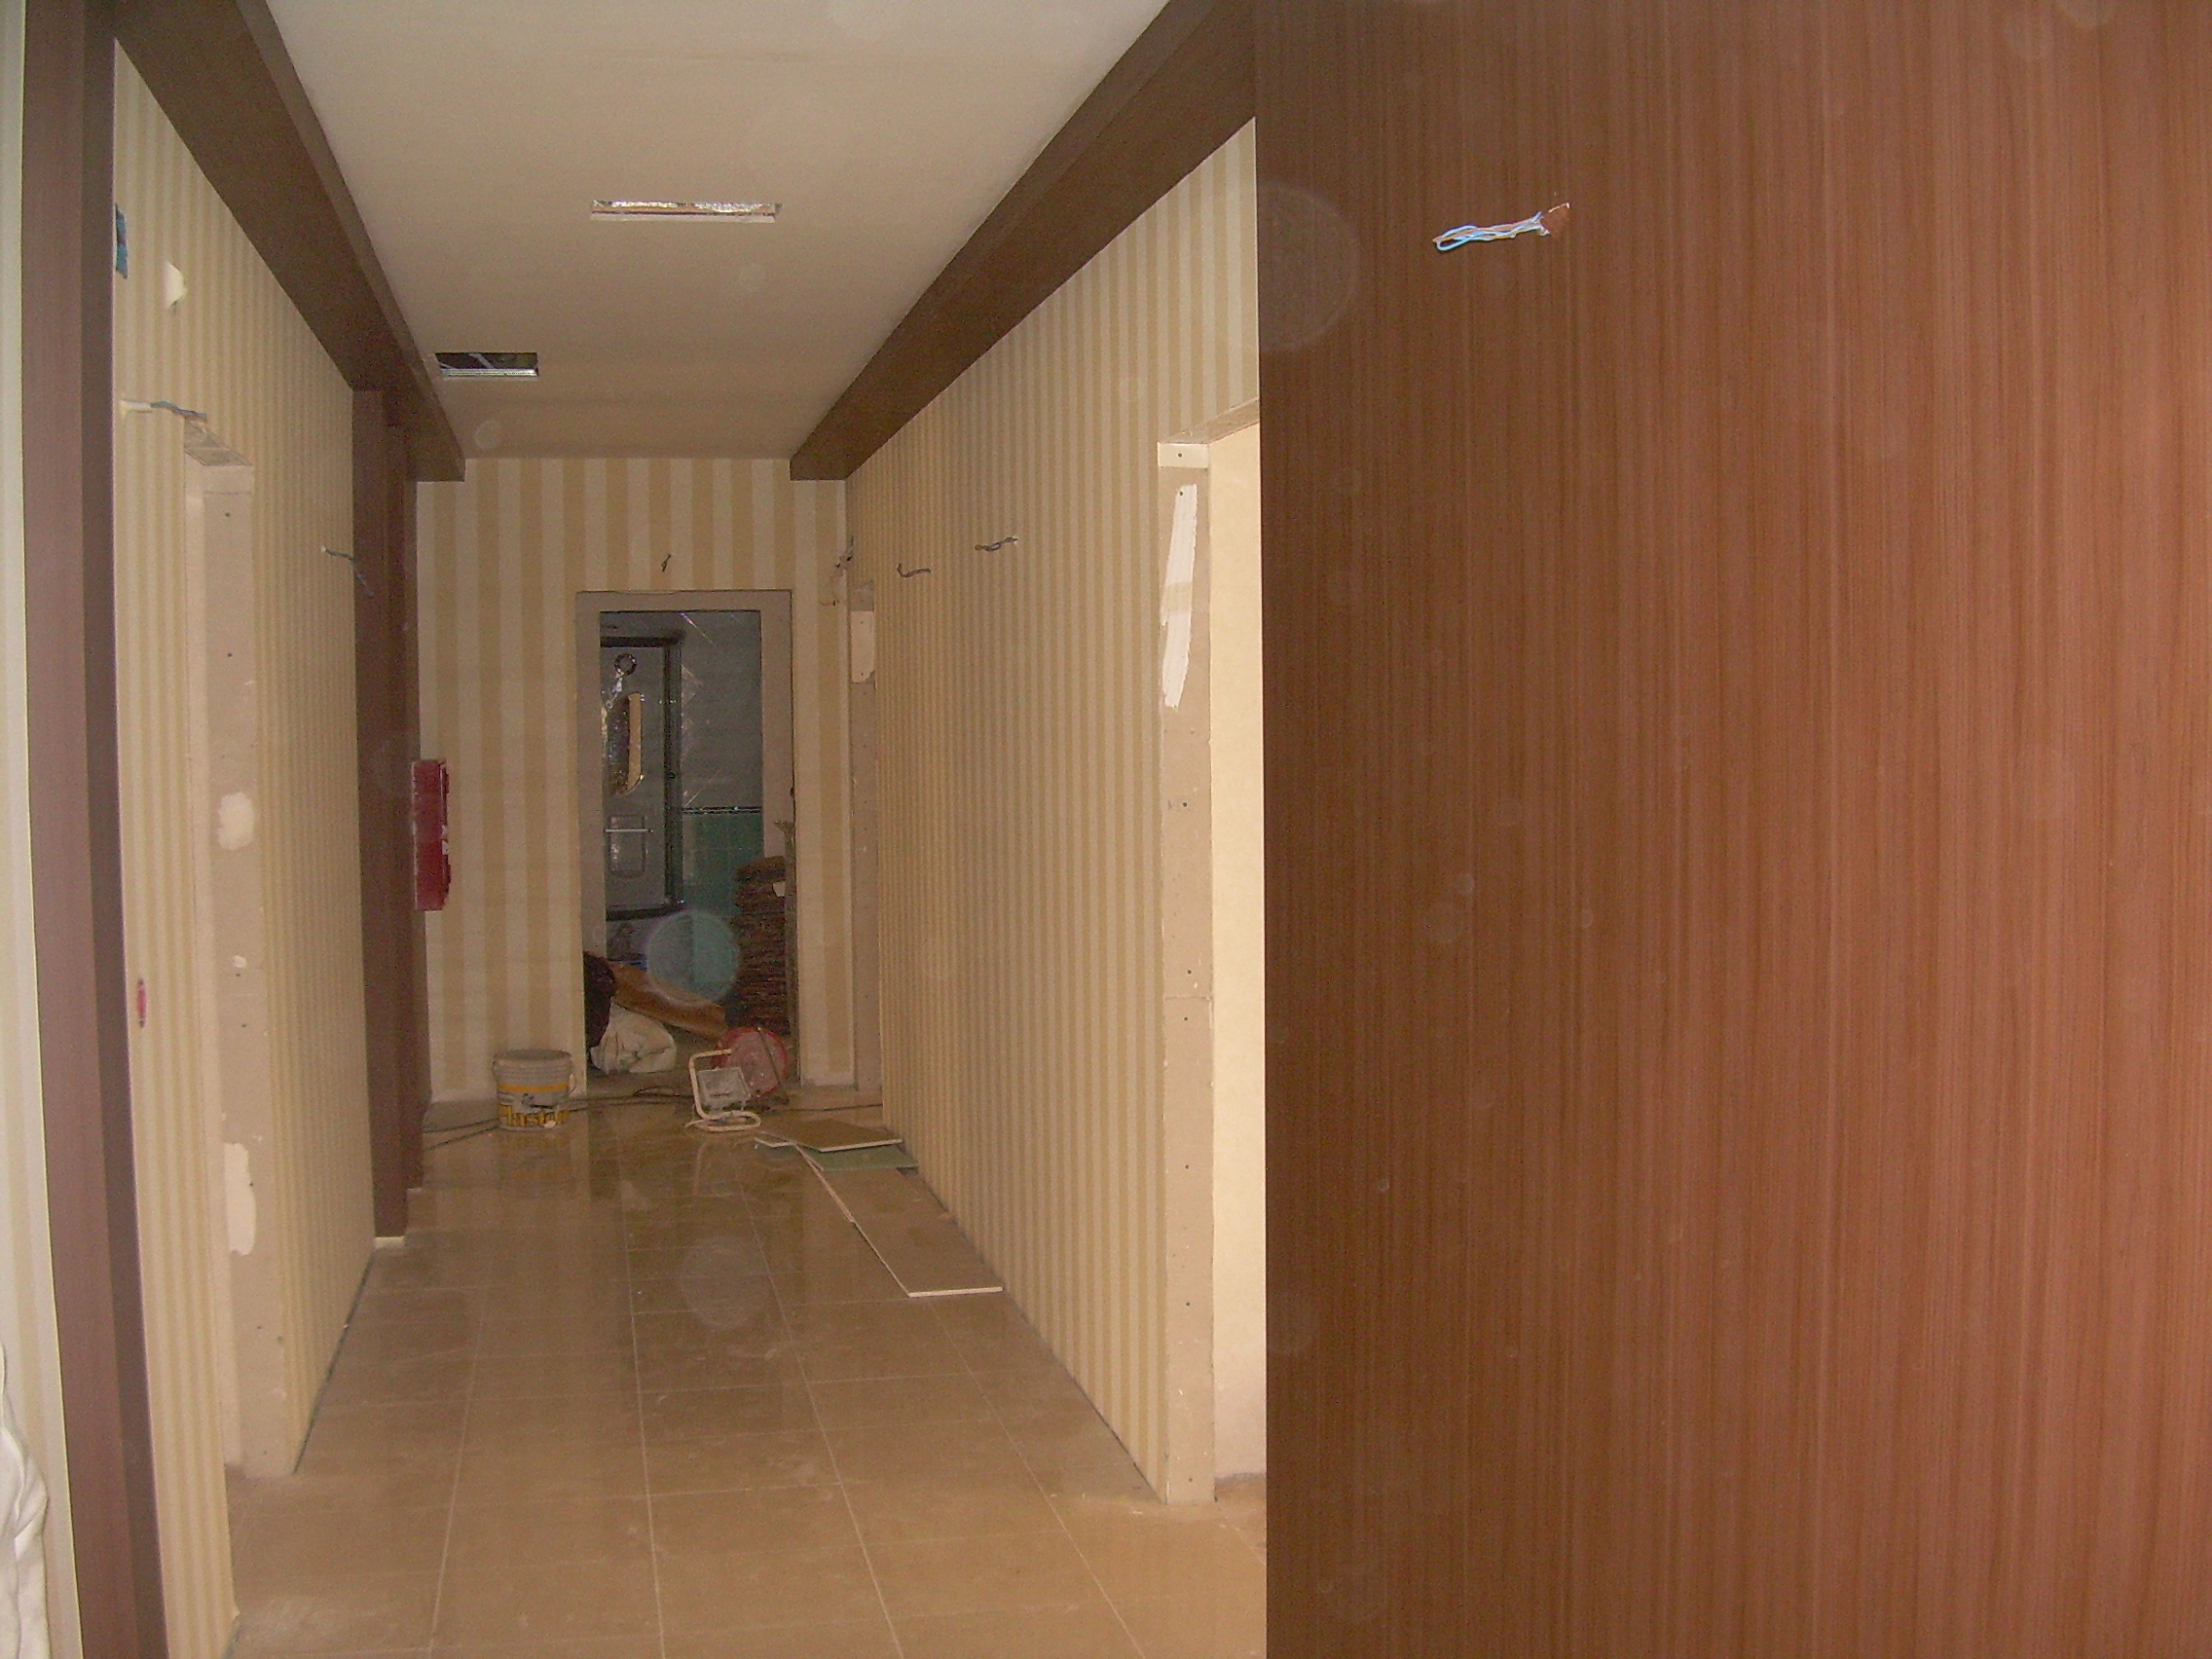 Lucrari de amenajare interioare cu tapet  - Poza 73